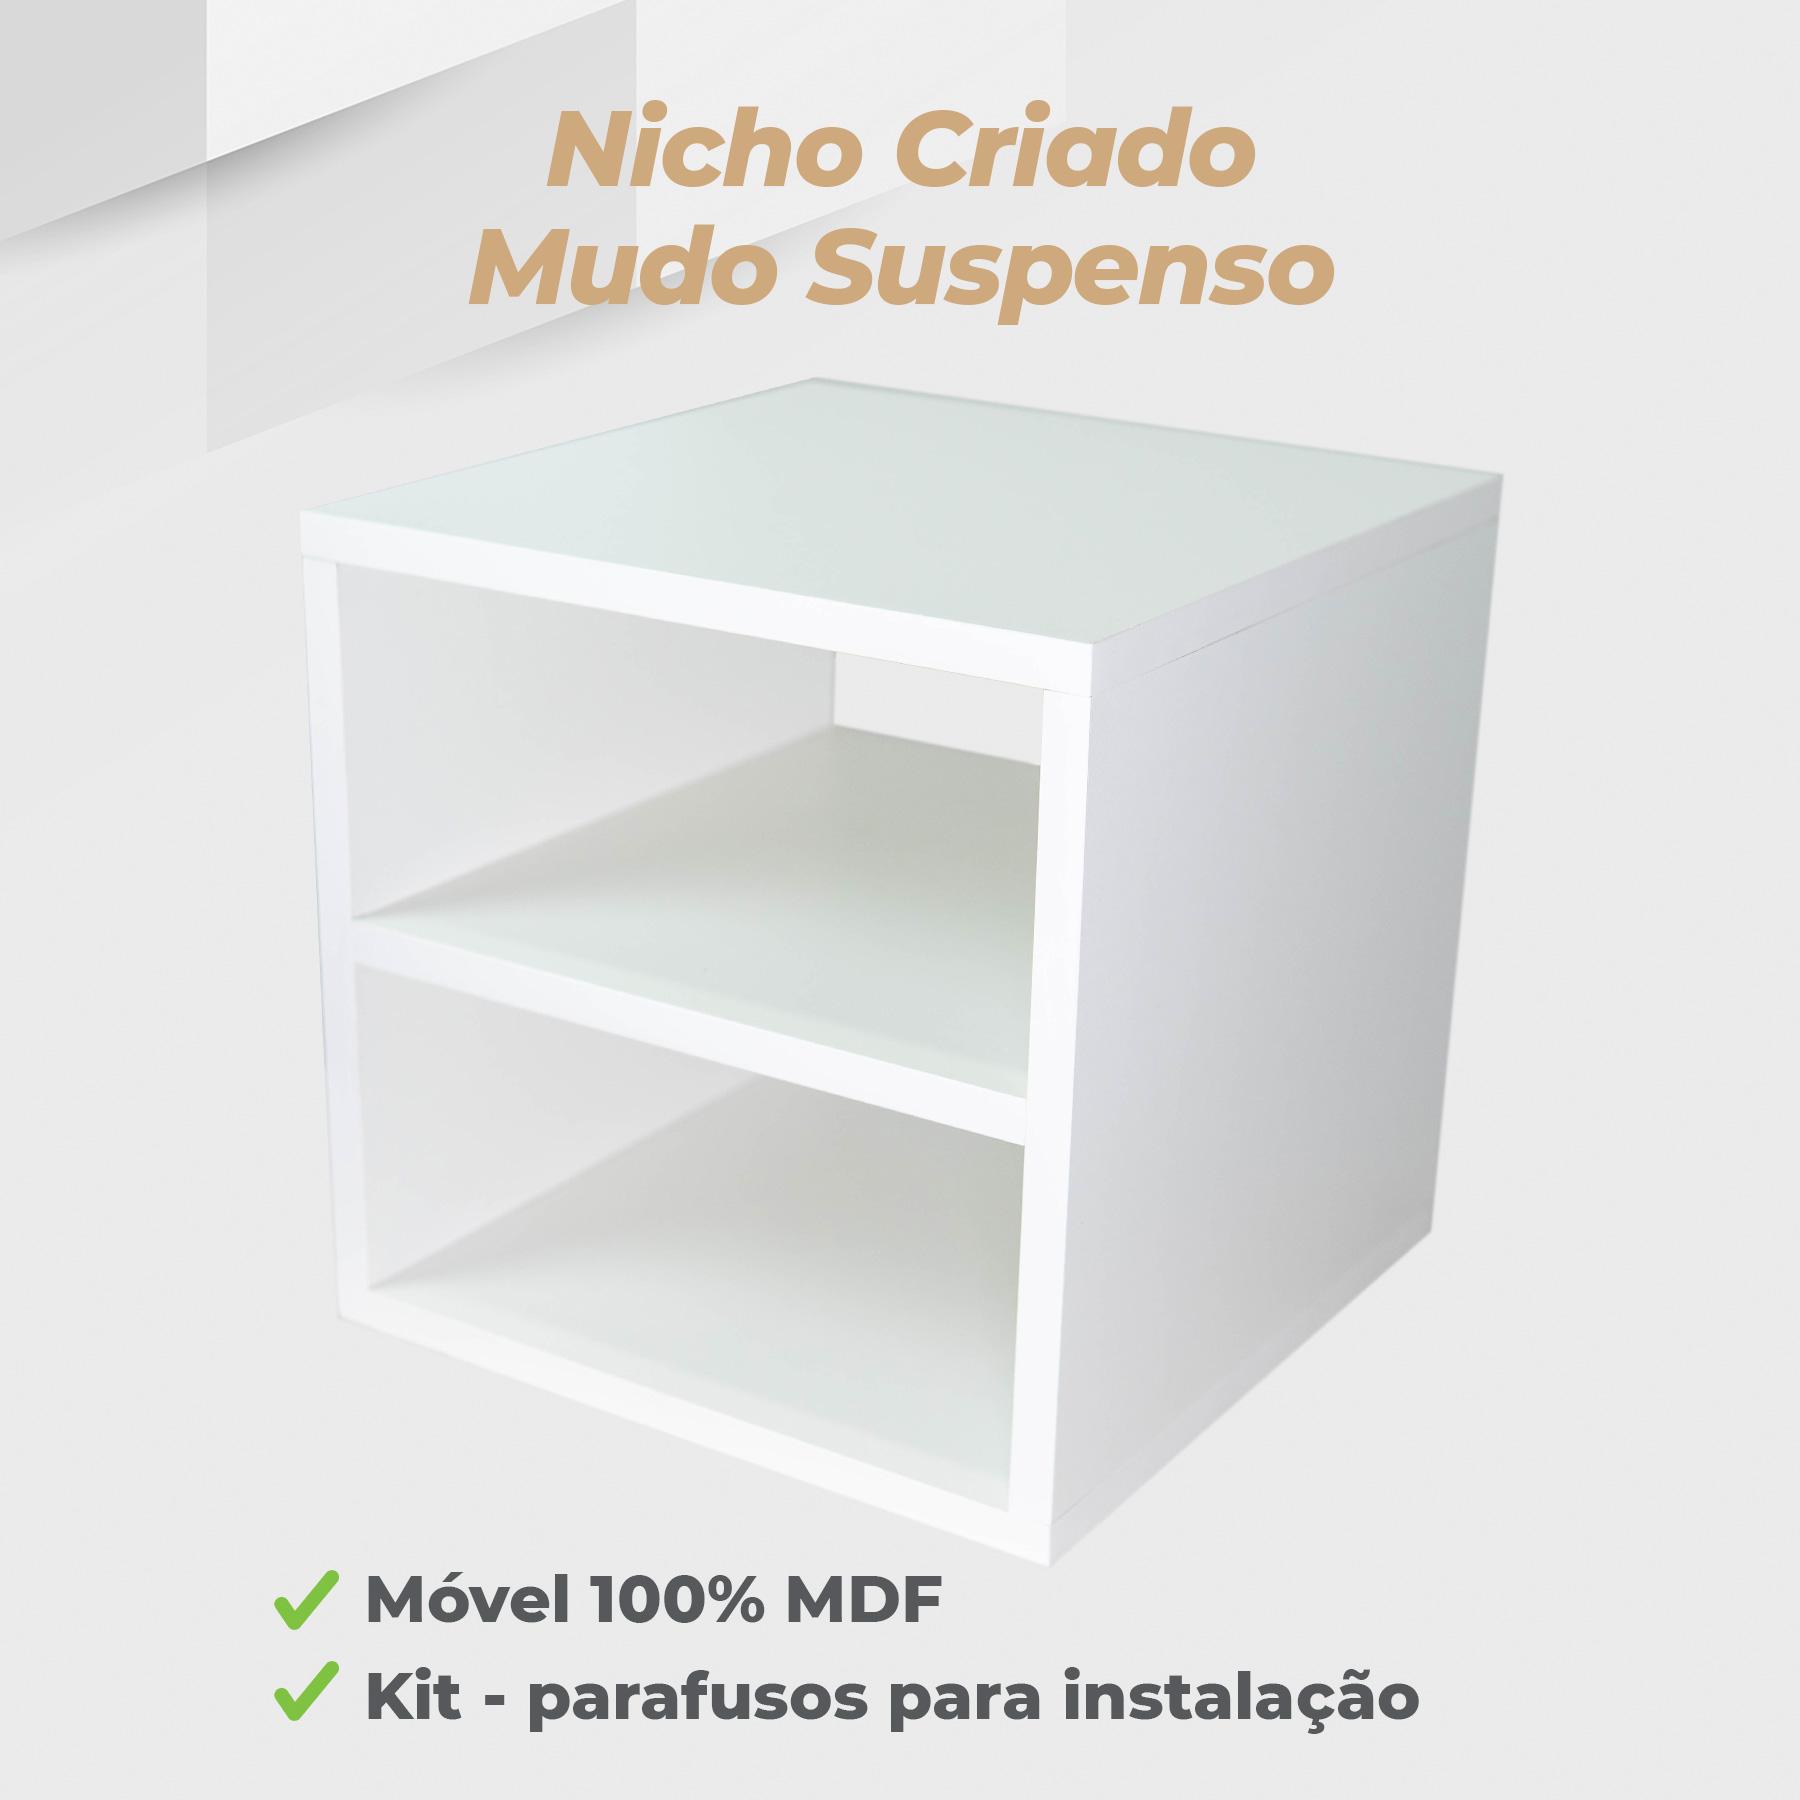 Nicho Criado Mudo Suspenso 30x30x30cm MDF Branco